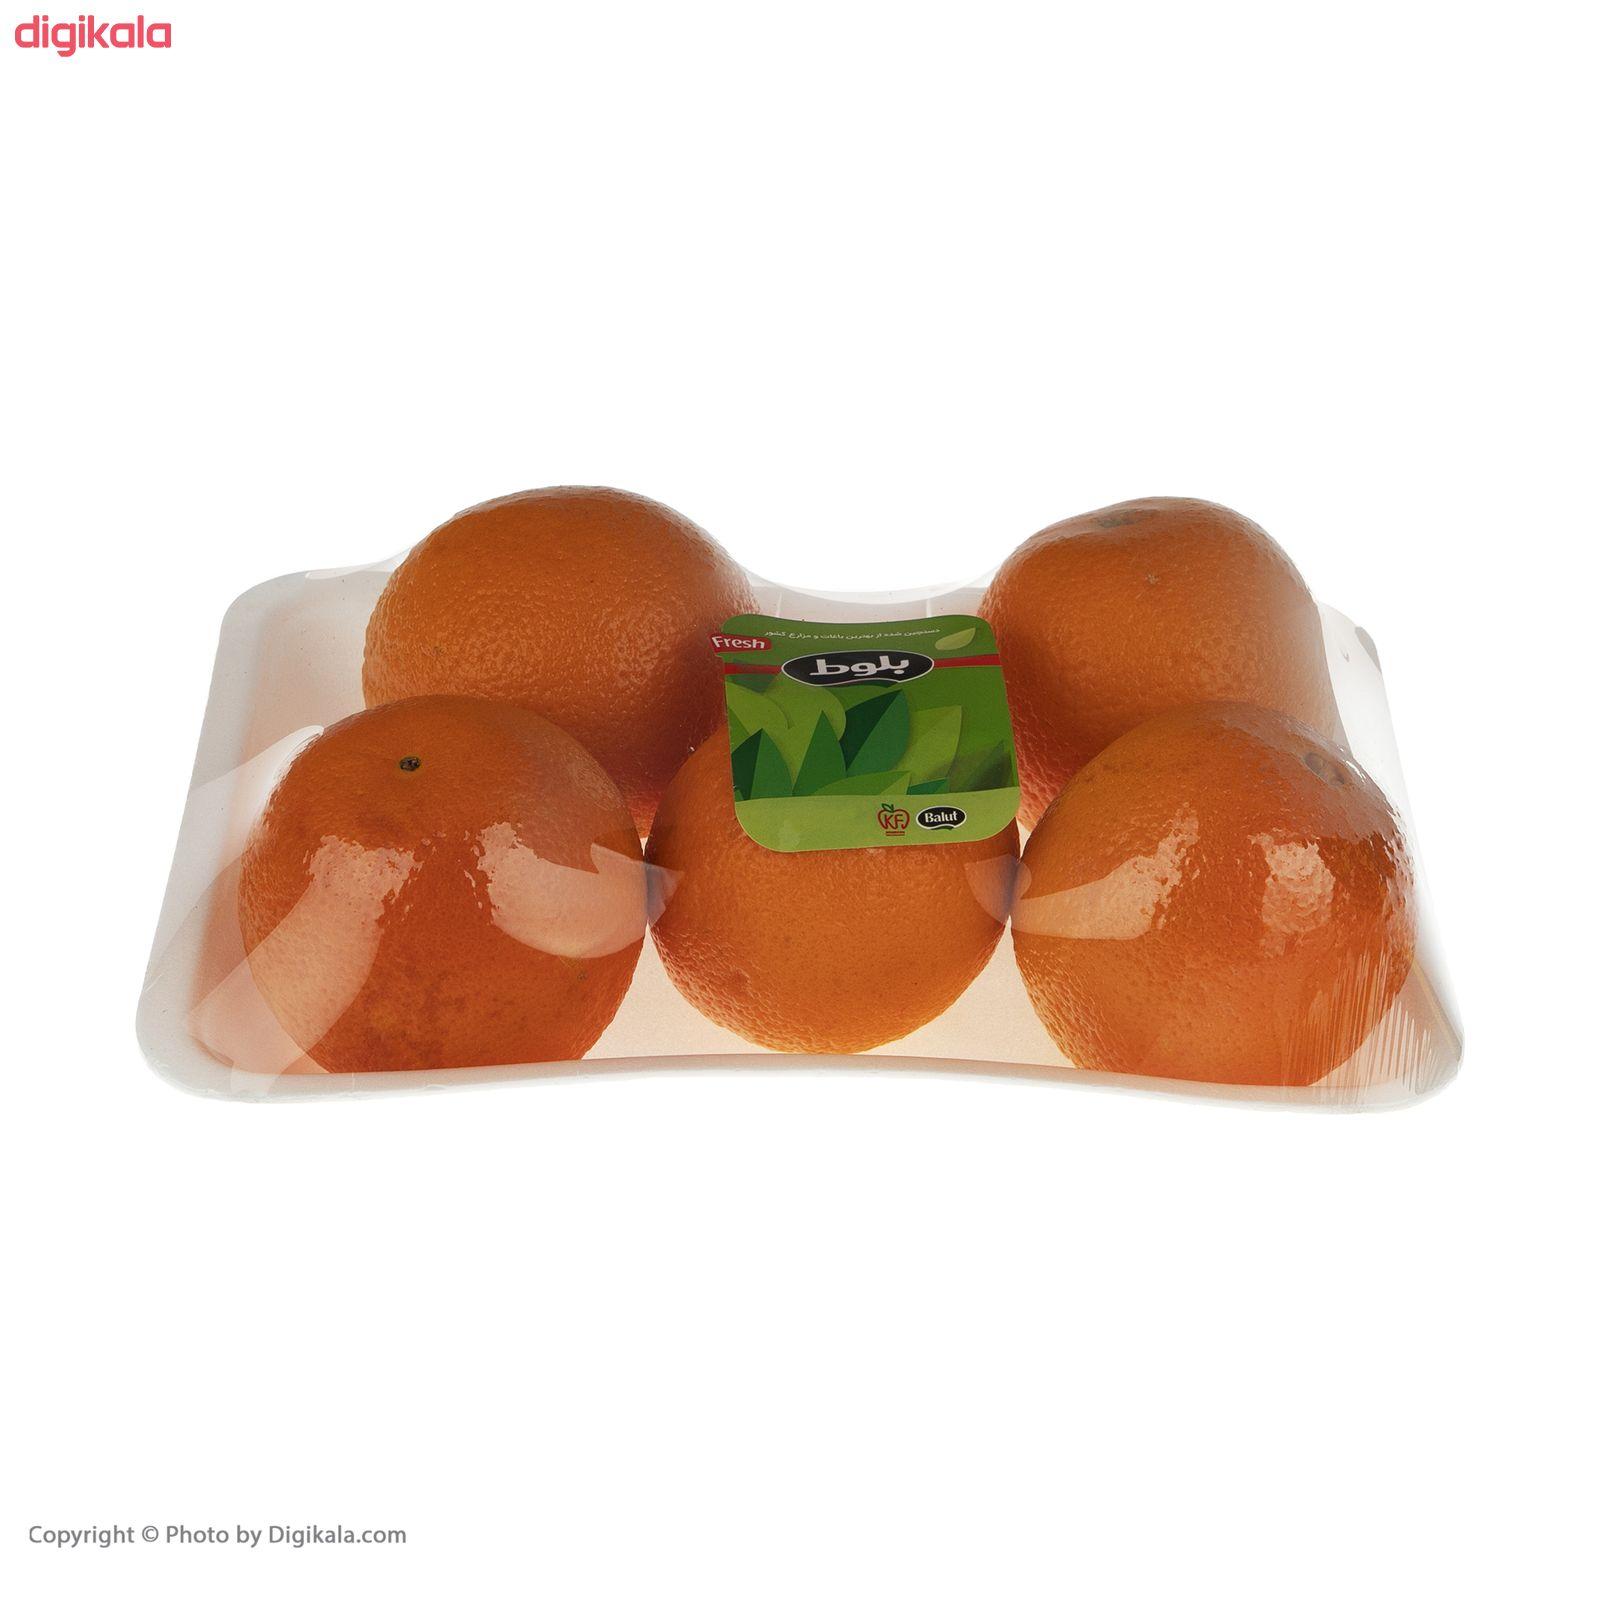 پرتقال تامسون جنوب بلوط - 1 کیلوگرم  main 1 1